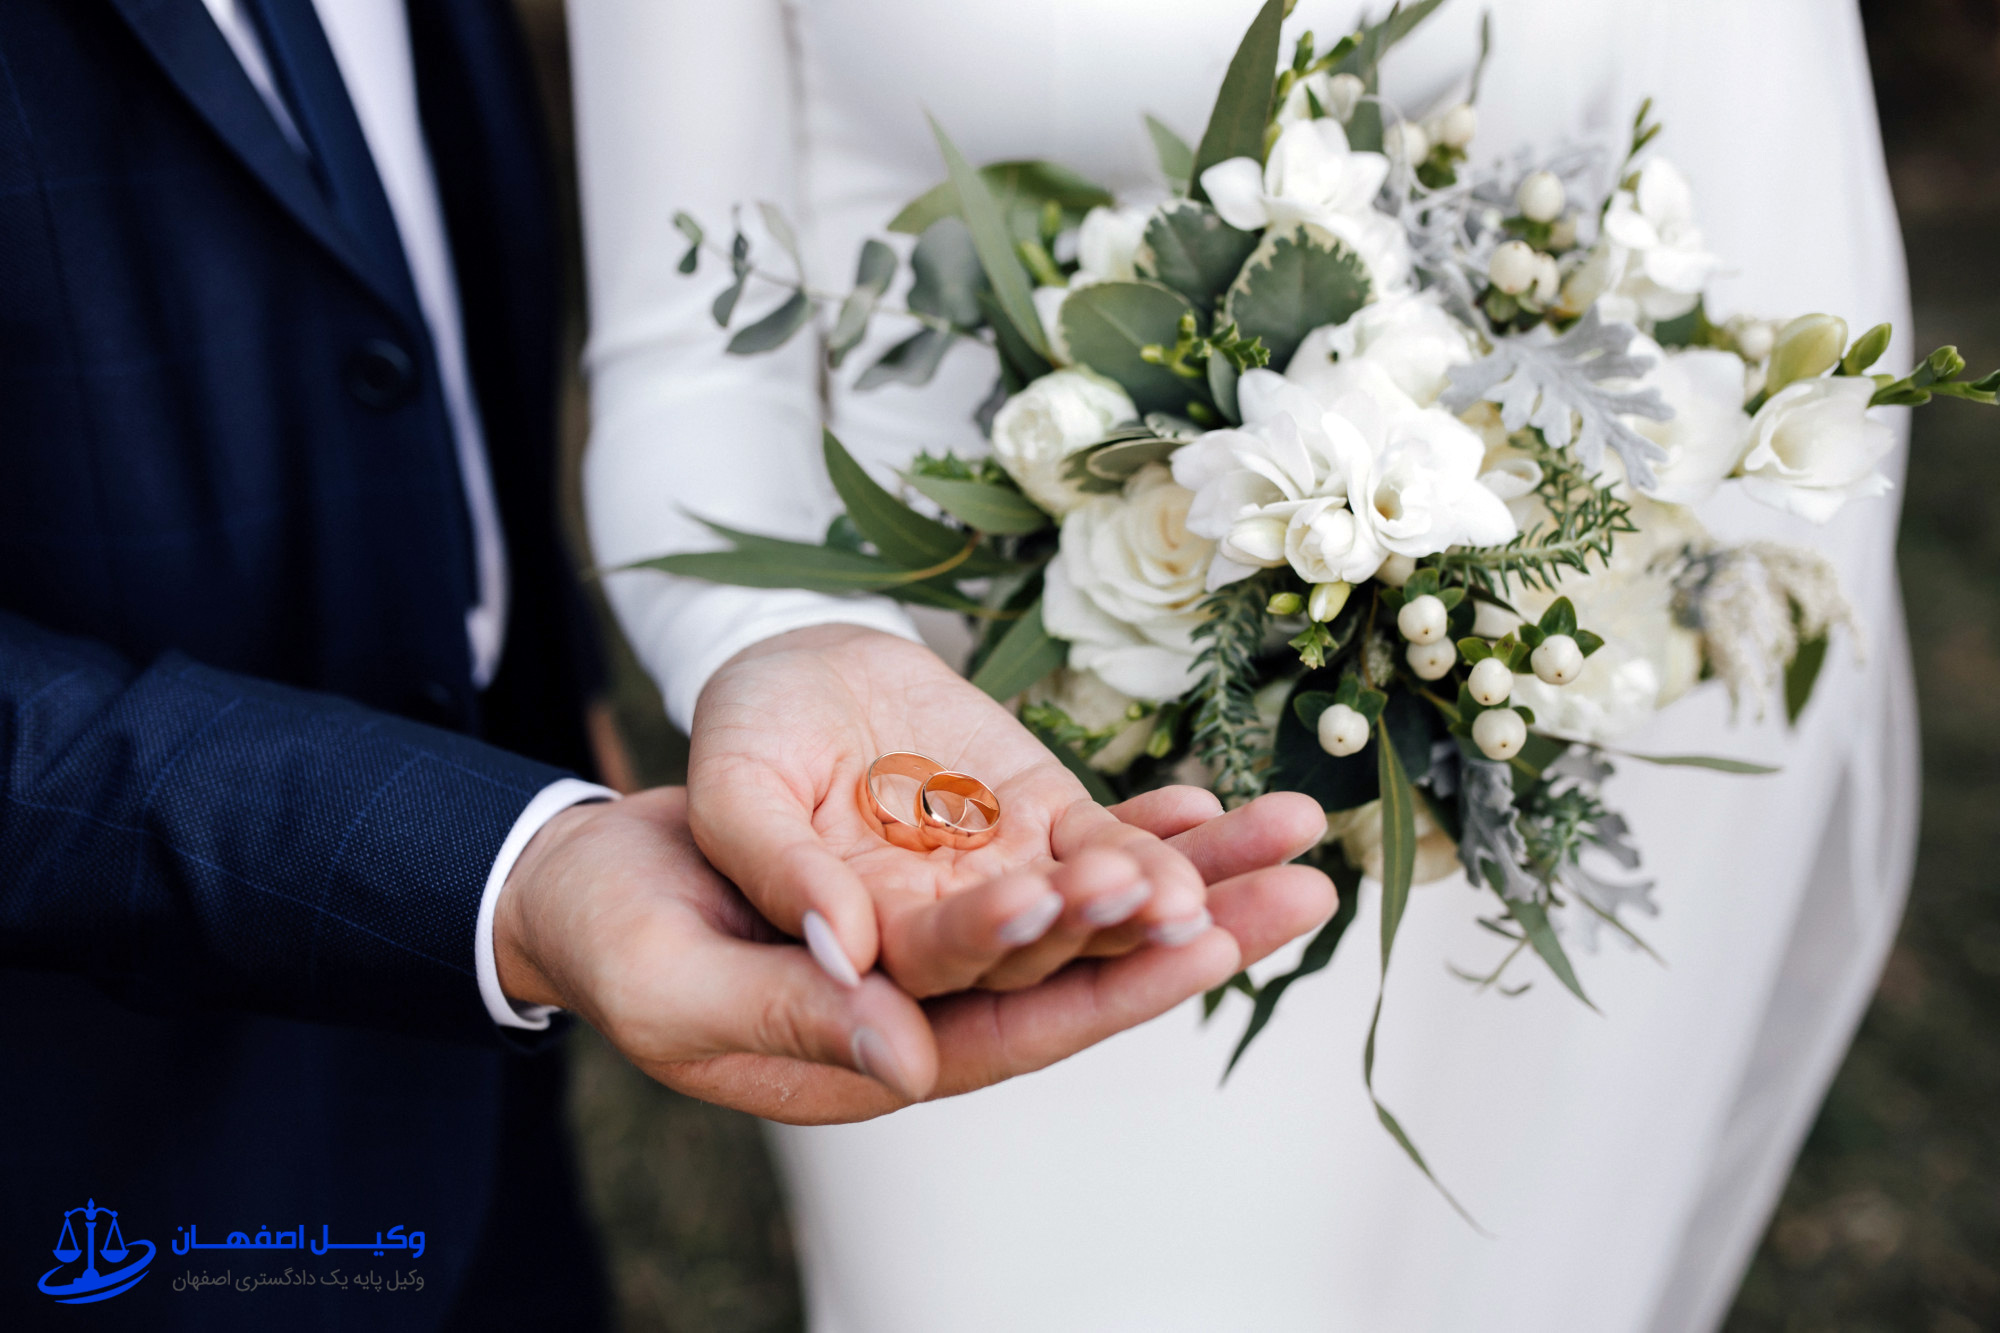 وکالت حق طلاق در عقدنامه